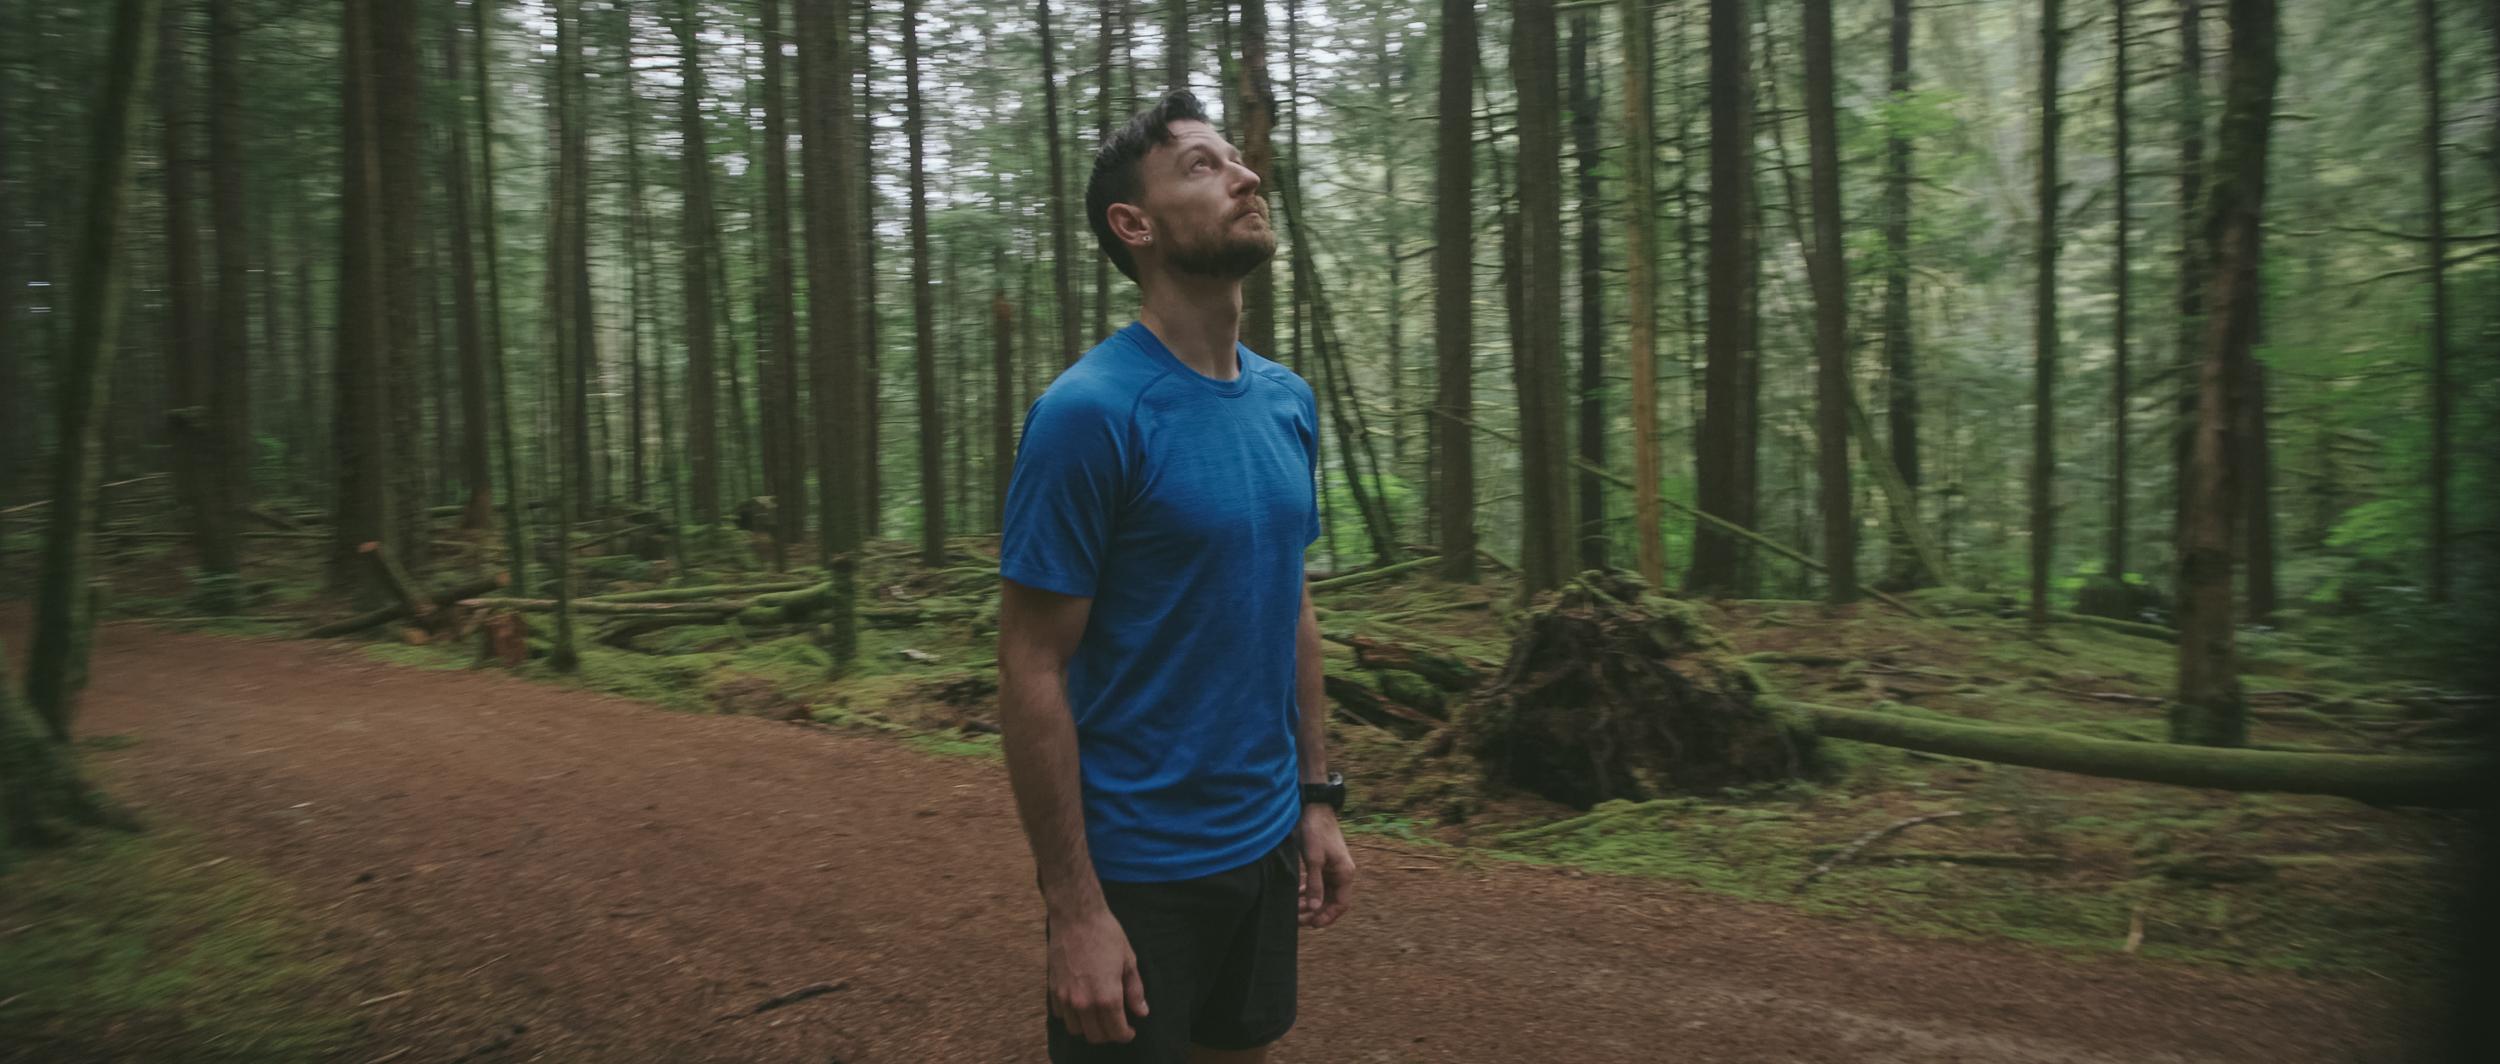 Running-5.jpg